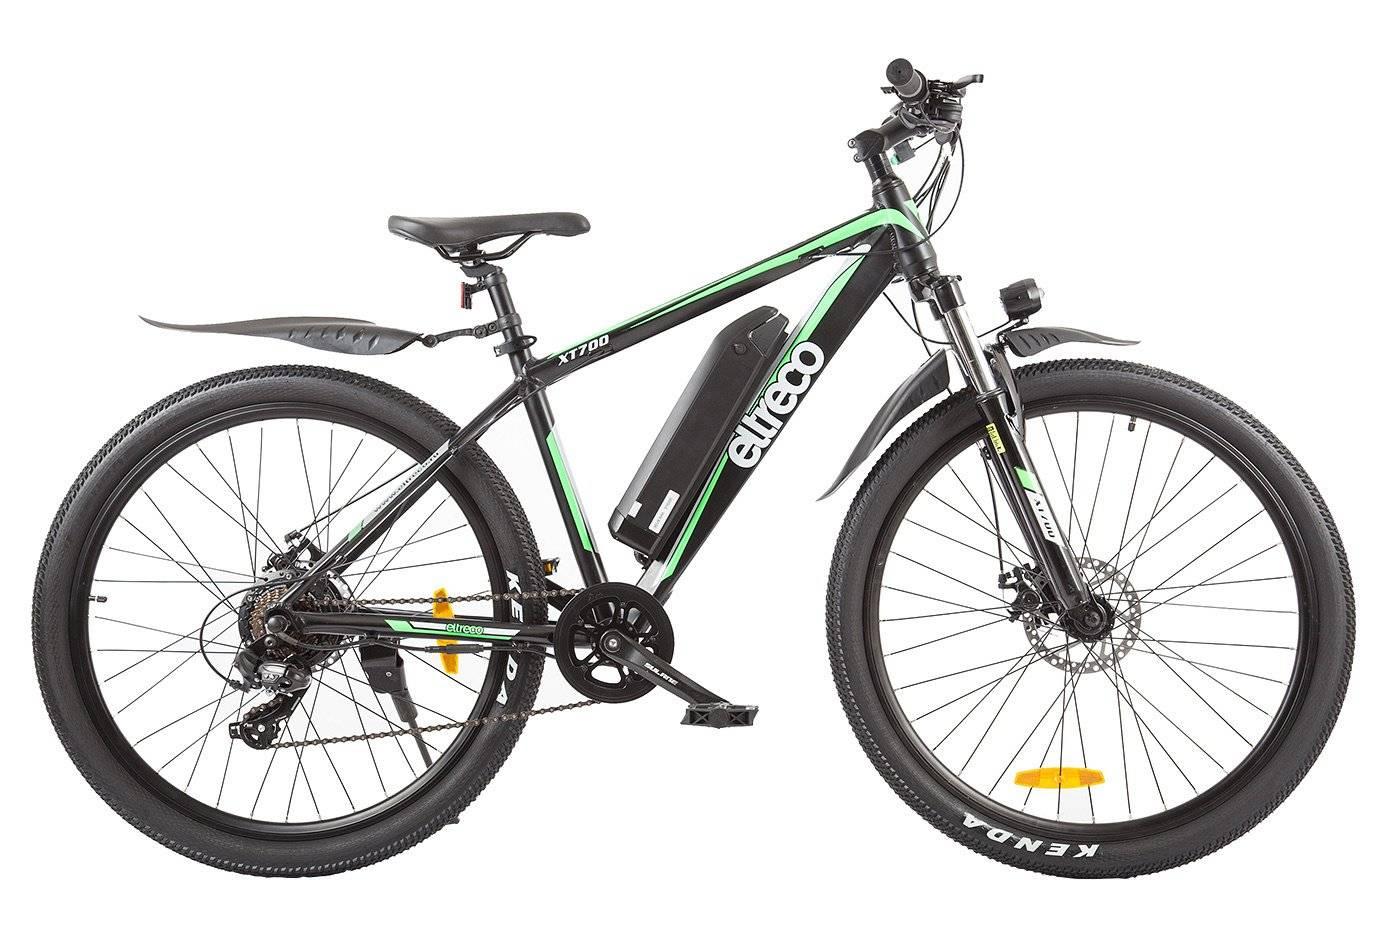 Велогибрид Eltreco XT700 350W, 010833-1855, фото 1